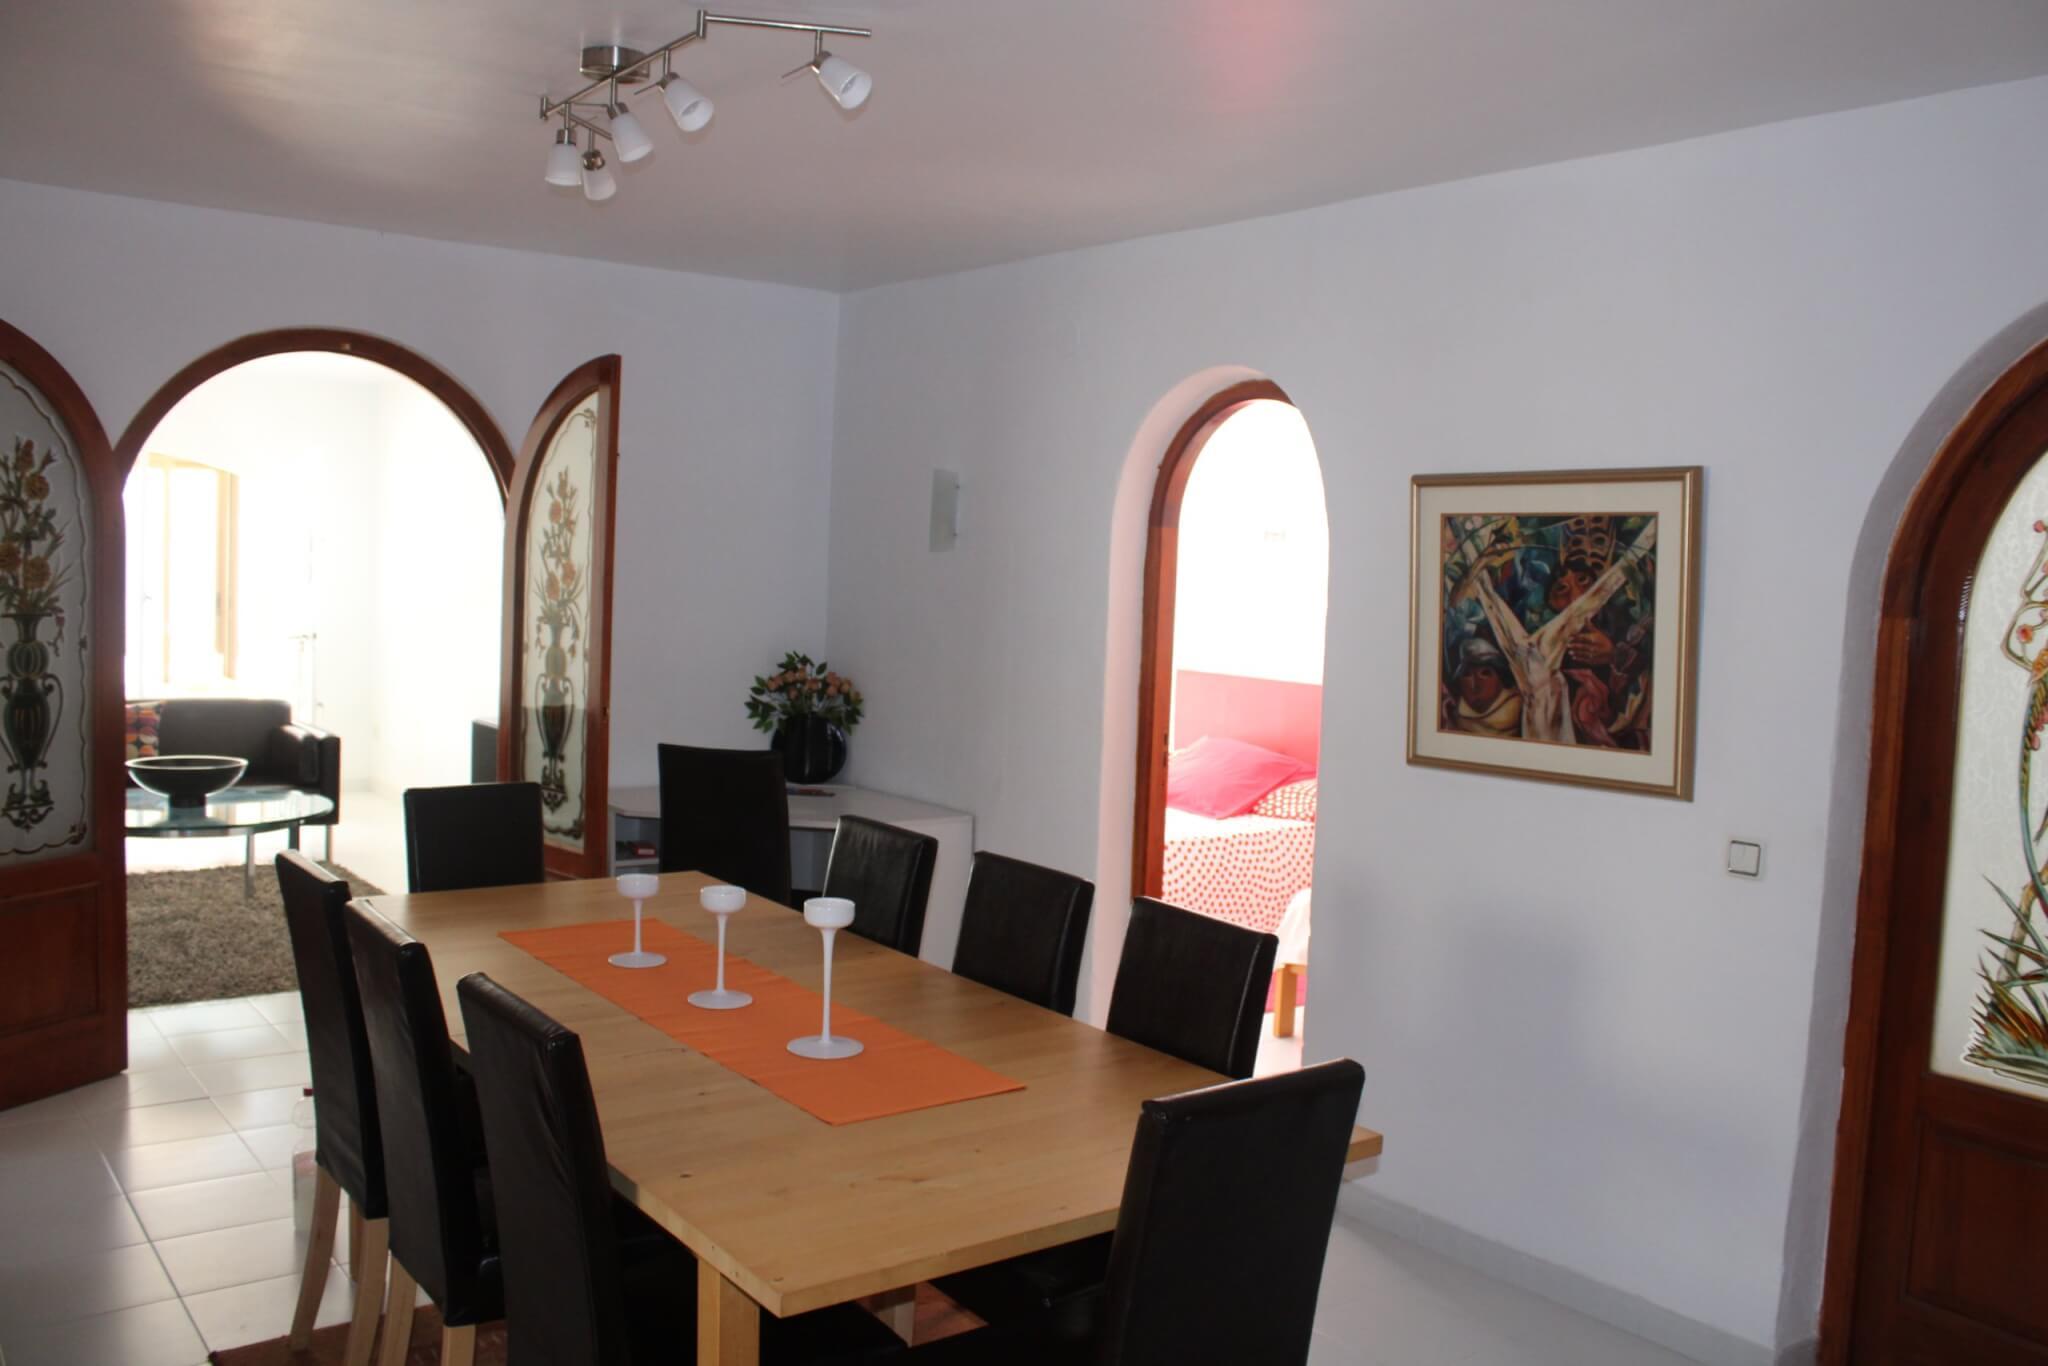 La salle a manger au centre de l'appartement